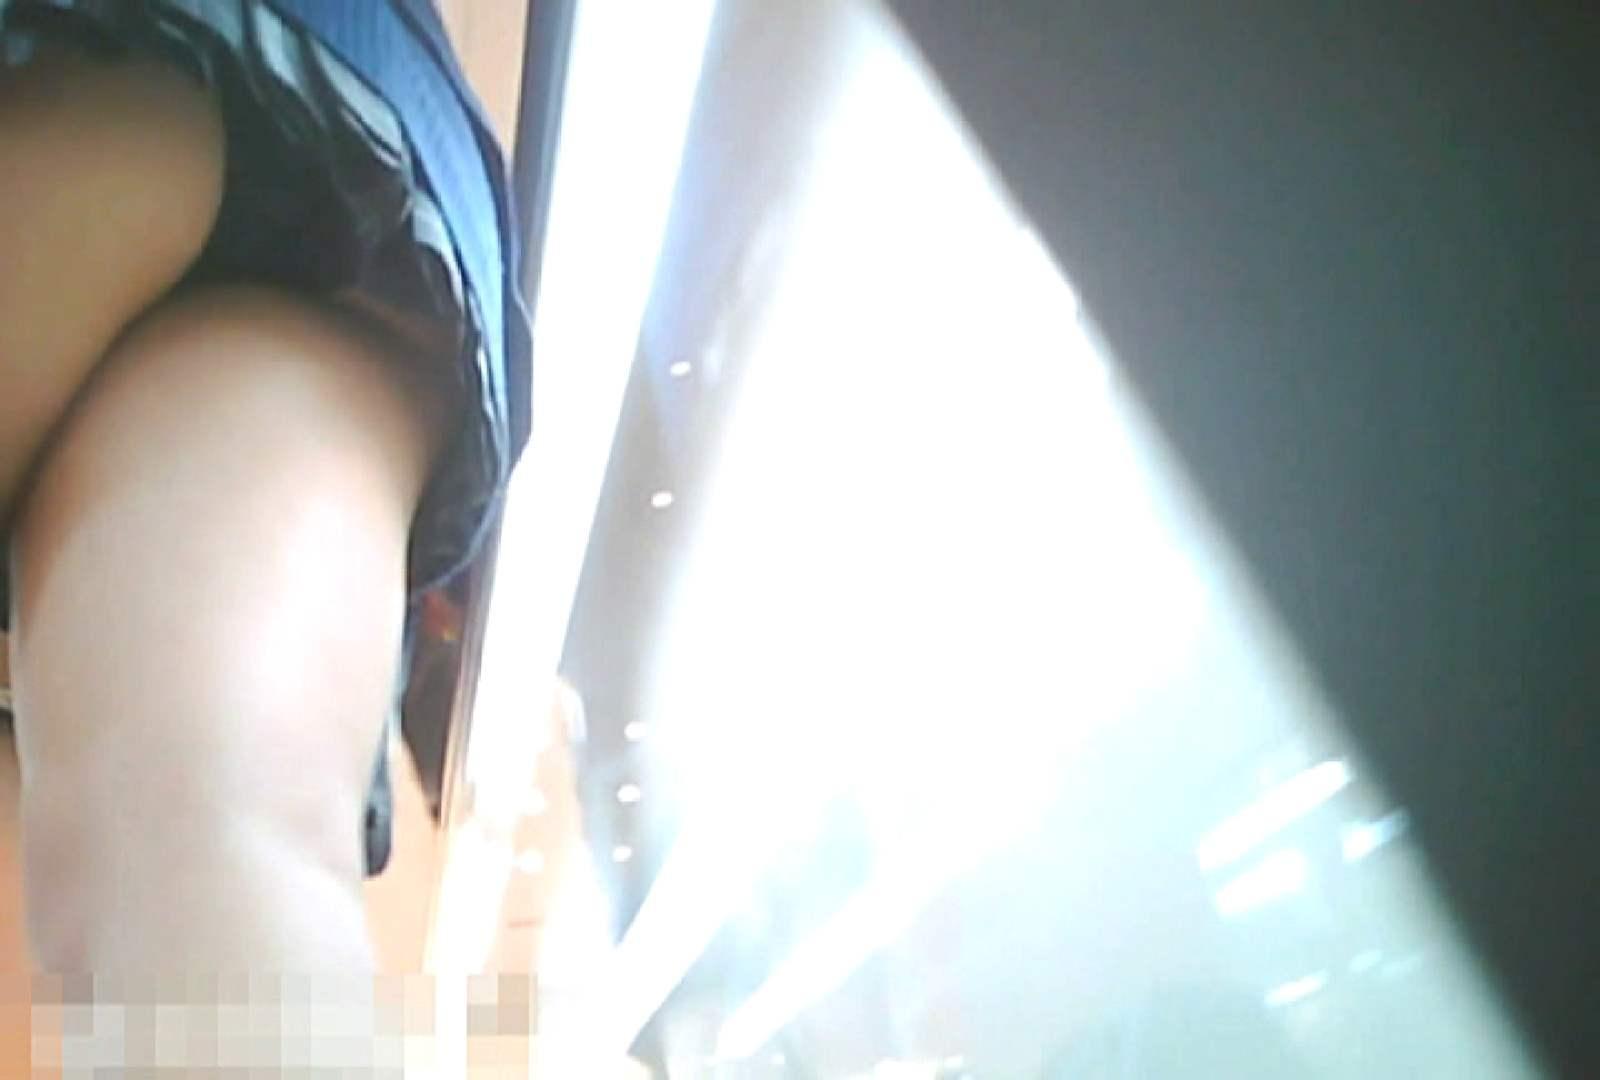 「チキン男」さんの制服ウォッチングVol.5 学校潜伏 のぞき濡れ場動画紹介 48pic 15